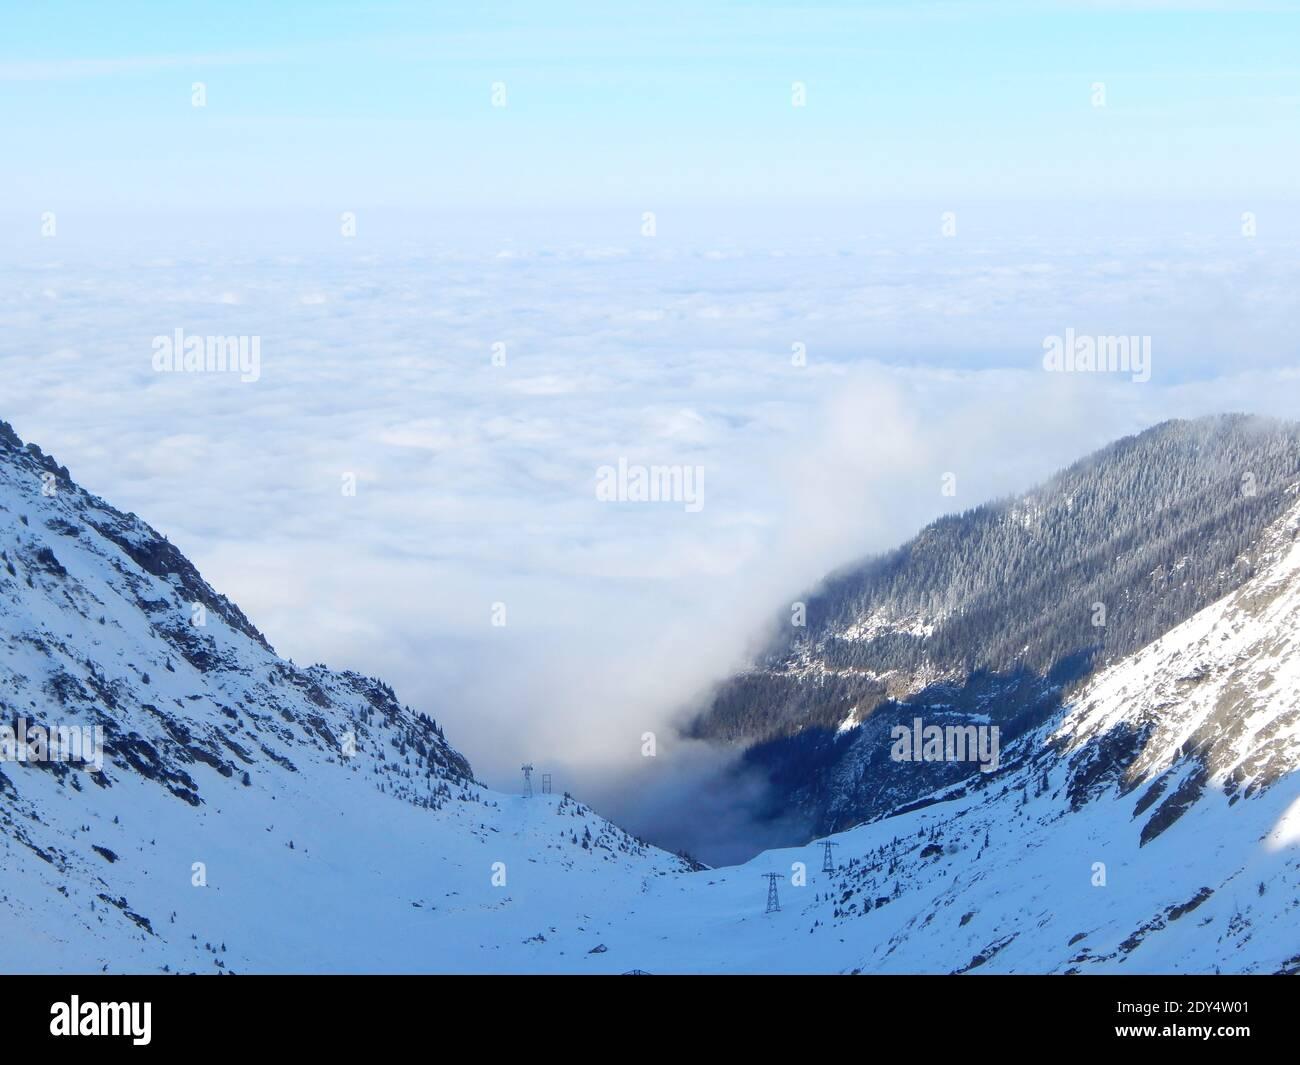 Malerische Aussicht auf schneebedeckte Berge gegen Himmel Stockfoto